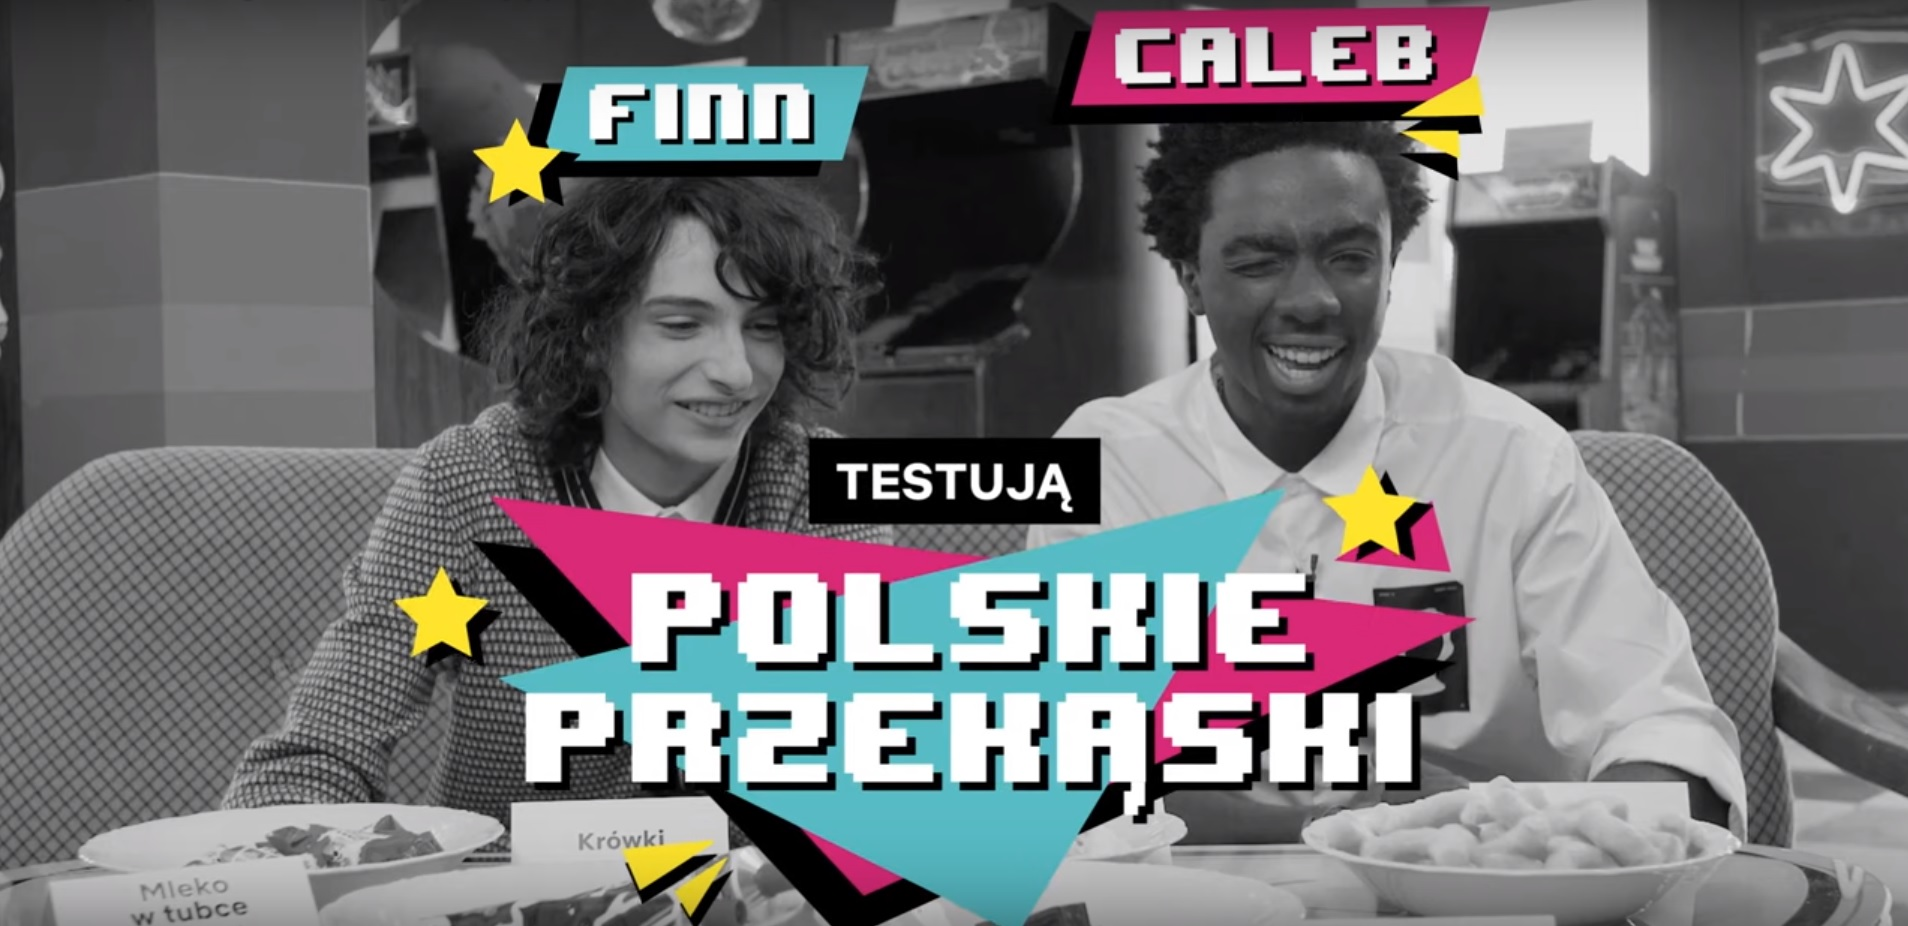 Stranger Things - aktorzy testują polskie przekąski. Zobacz wideo!